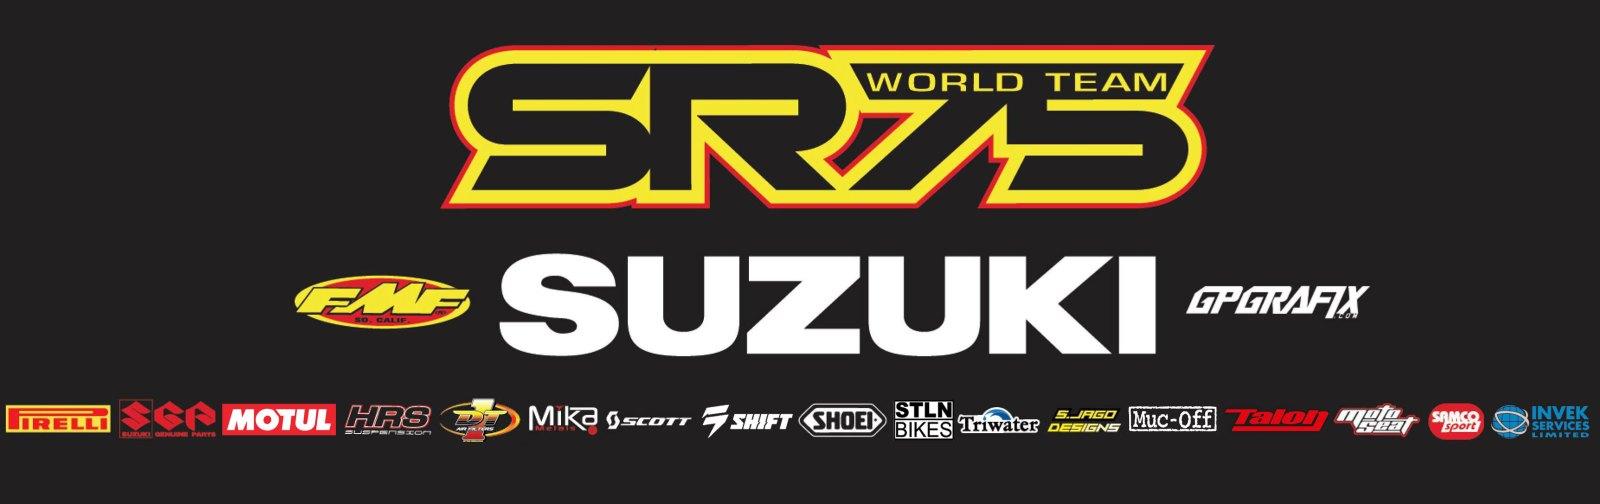 sr75 sponsors